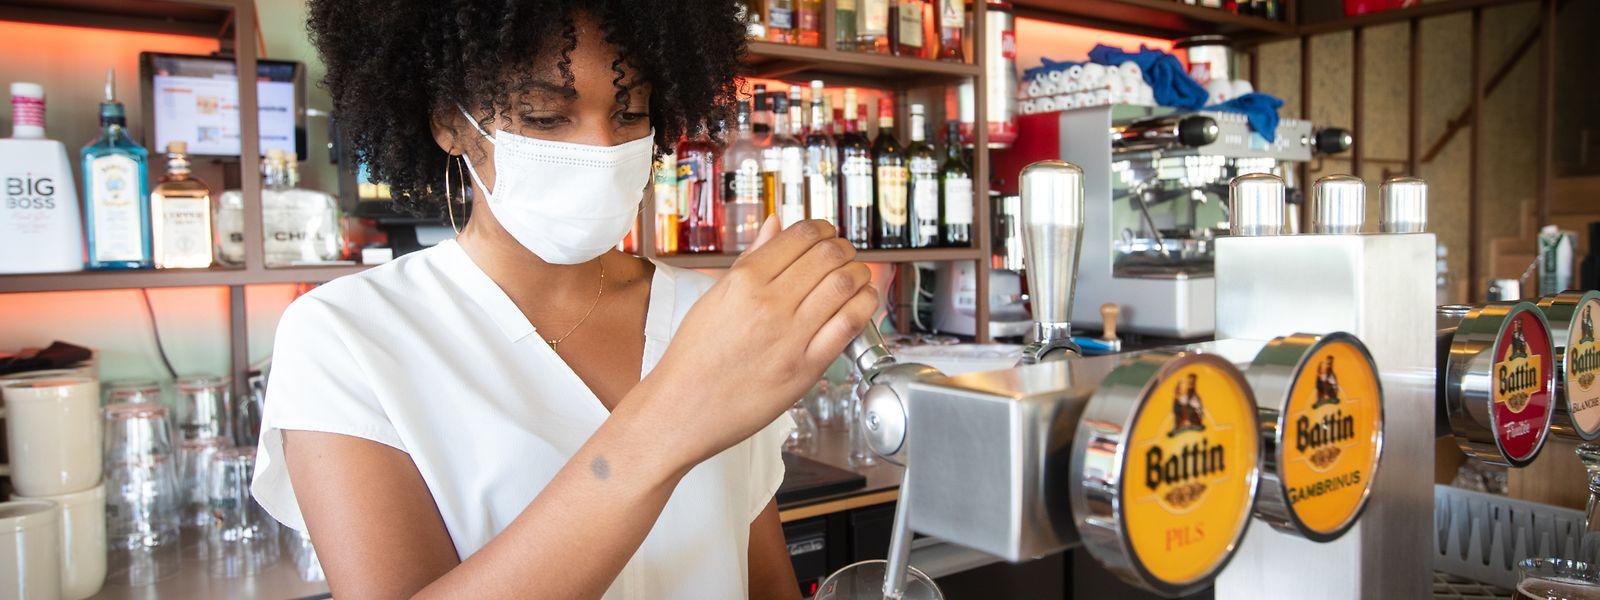 Dans les bars, les mesures sanitaires sont aussi au menu.